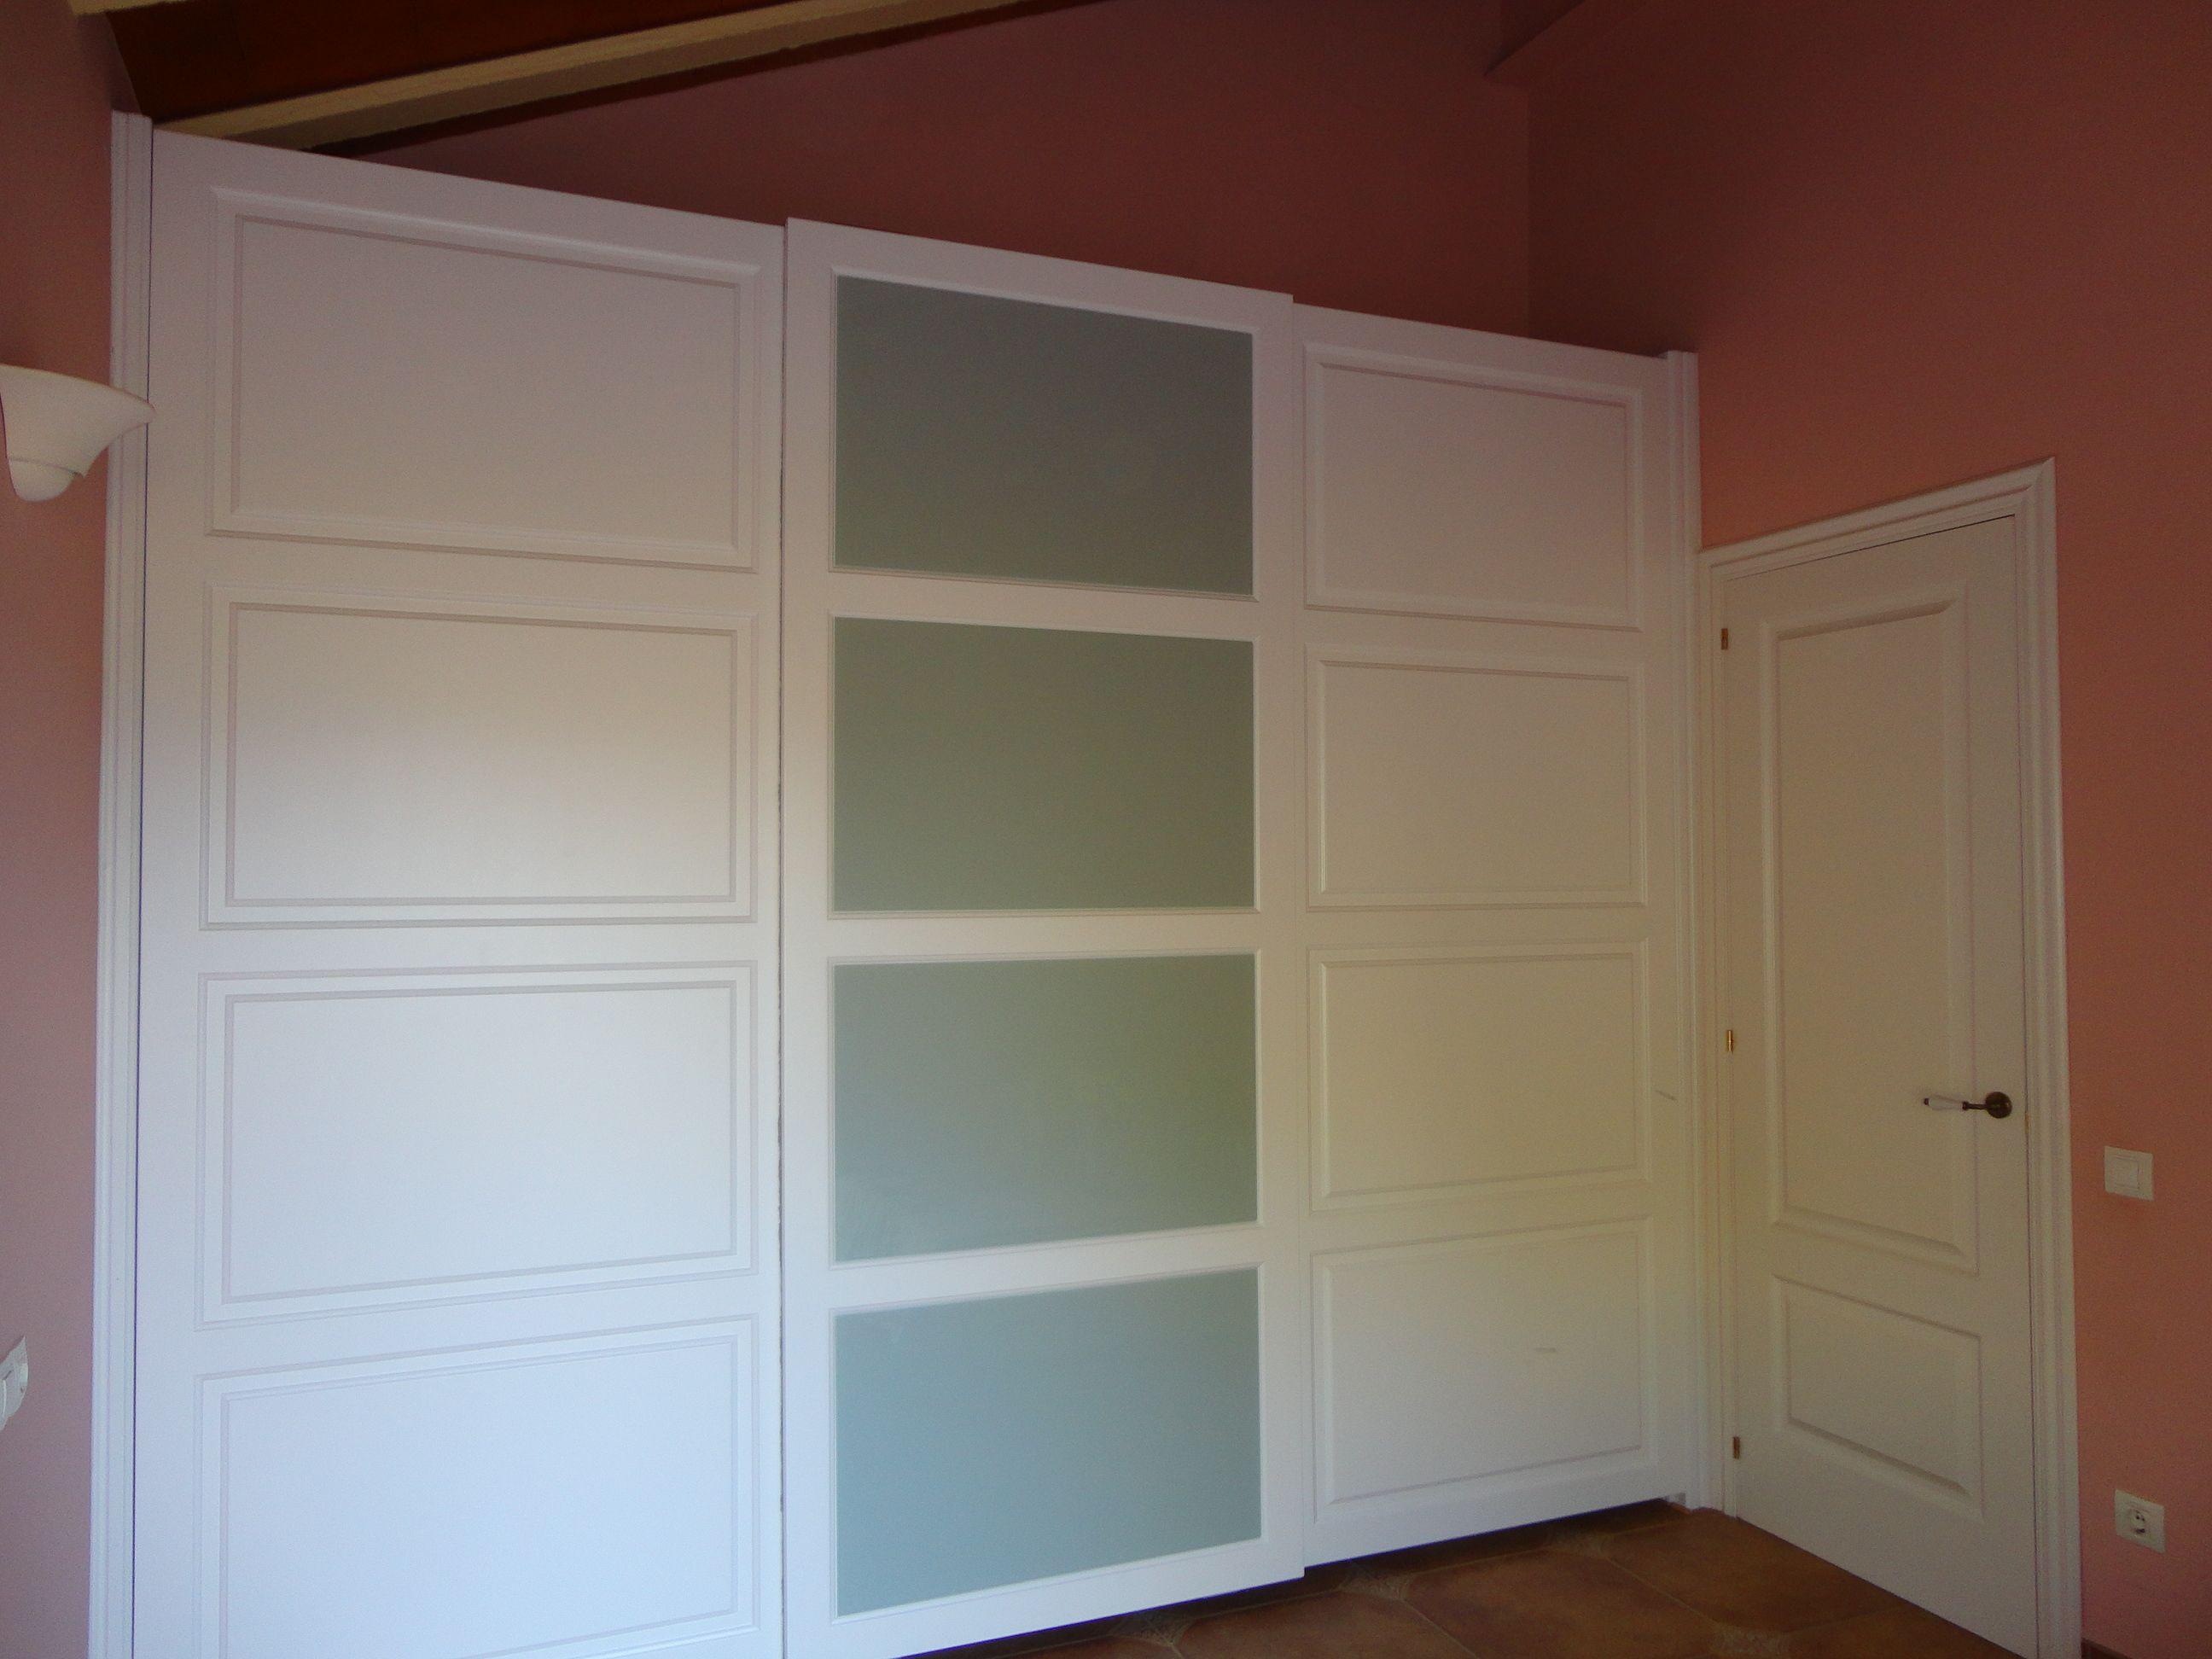 Armarios empotrados blancos finest armario empotrado a for Puertas armarios empotrados